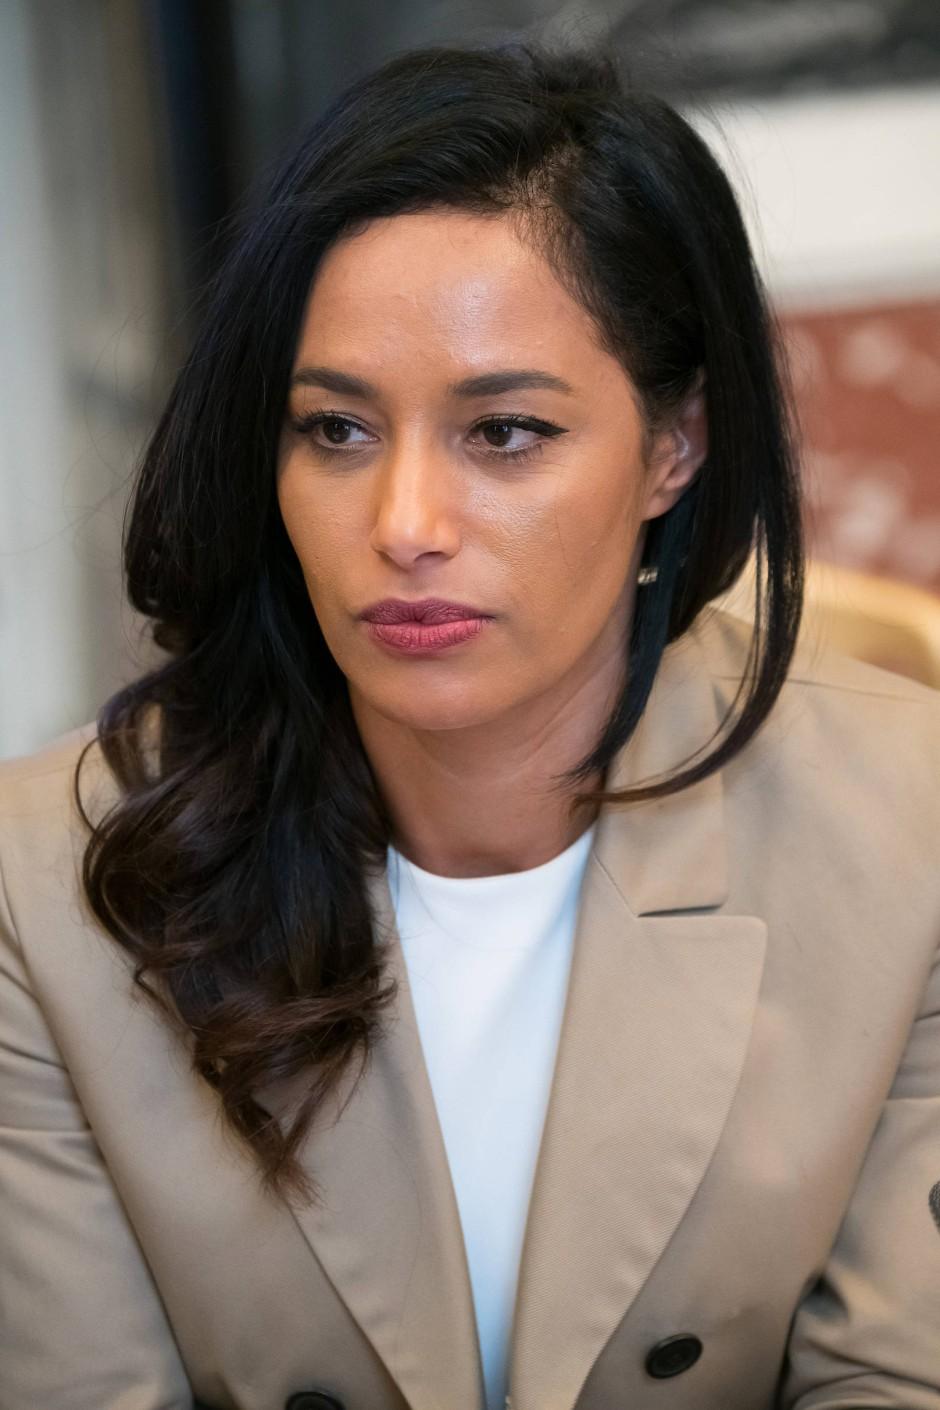 Umstrittene Moderatorin: die israelisch-italienische Journalistin Rula Jebreal